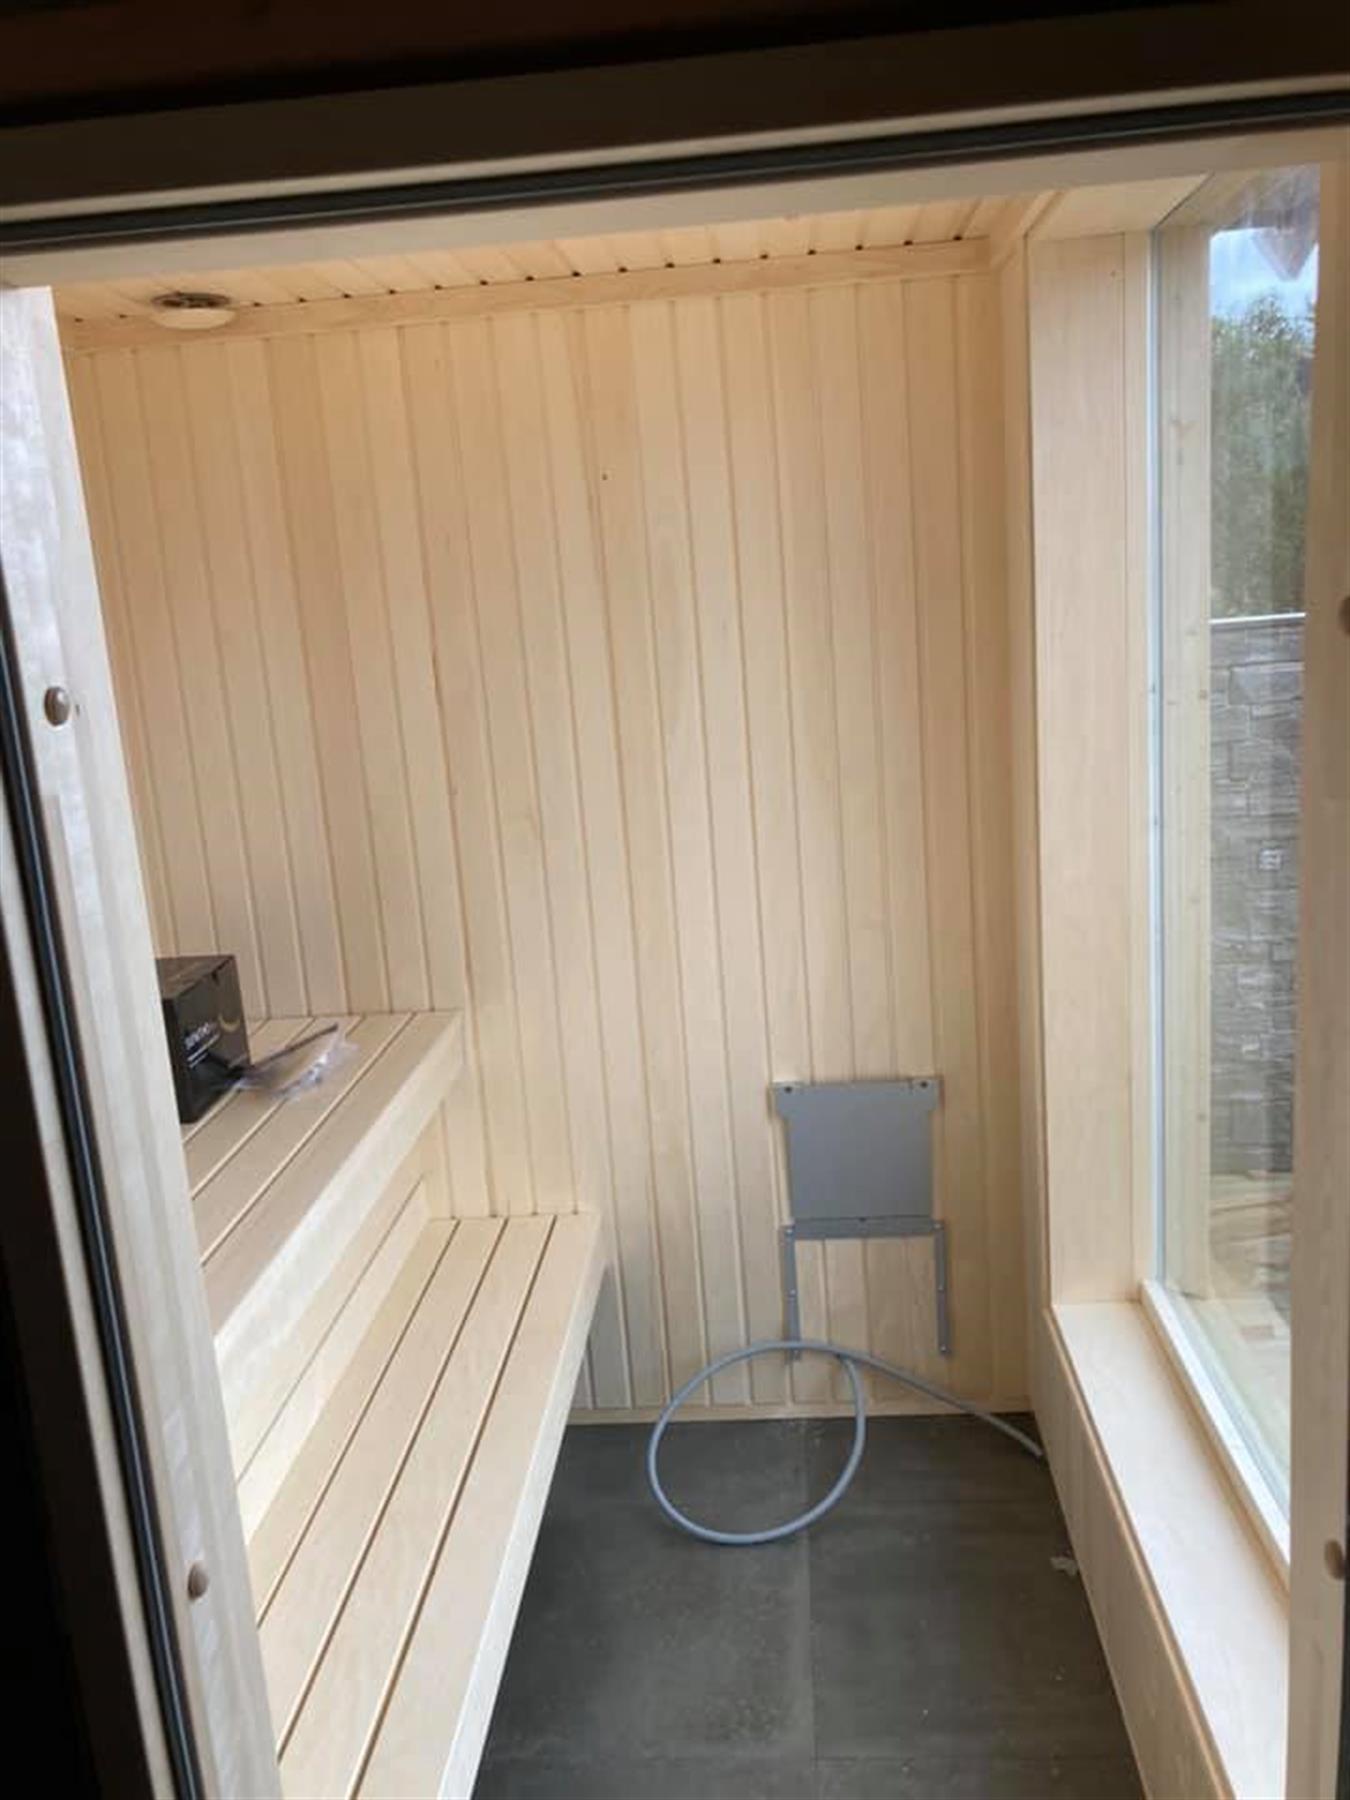 Badstue med stort vindu og orpanel